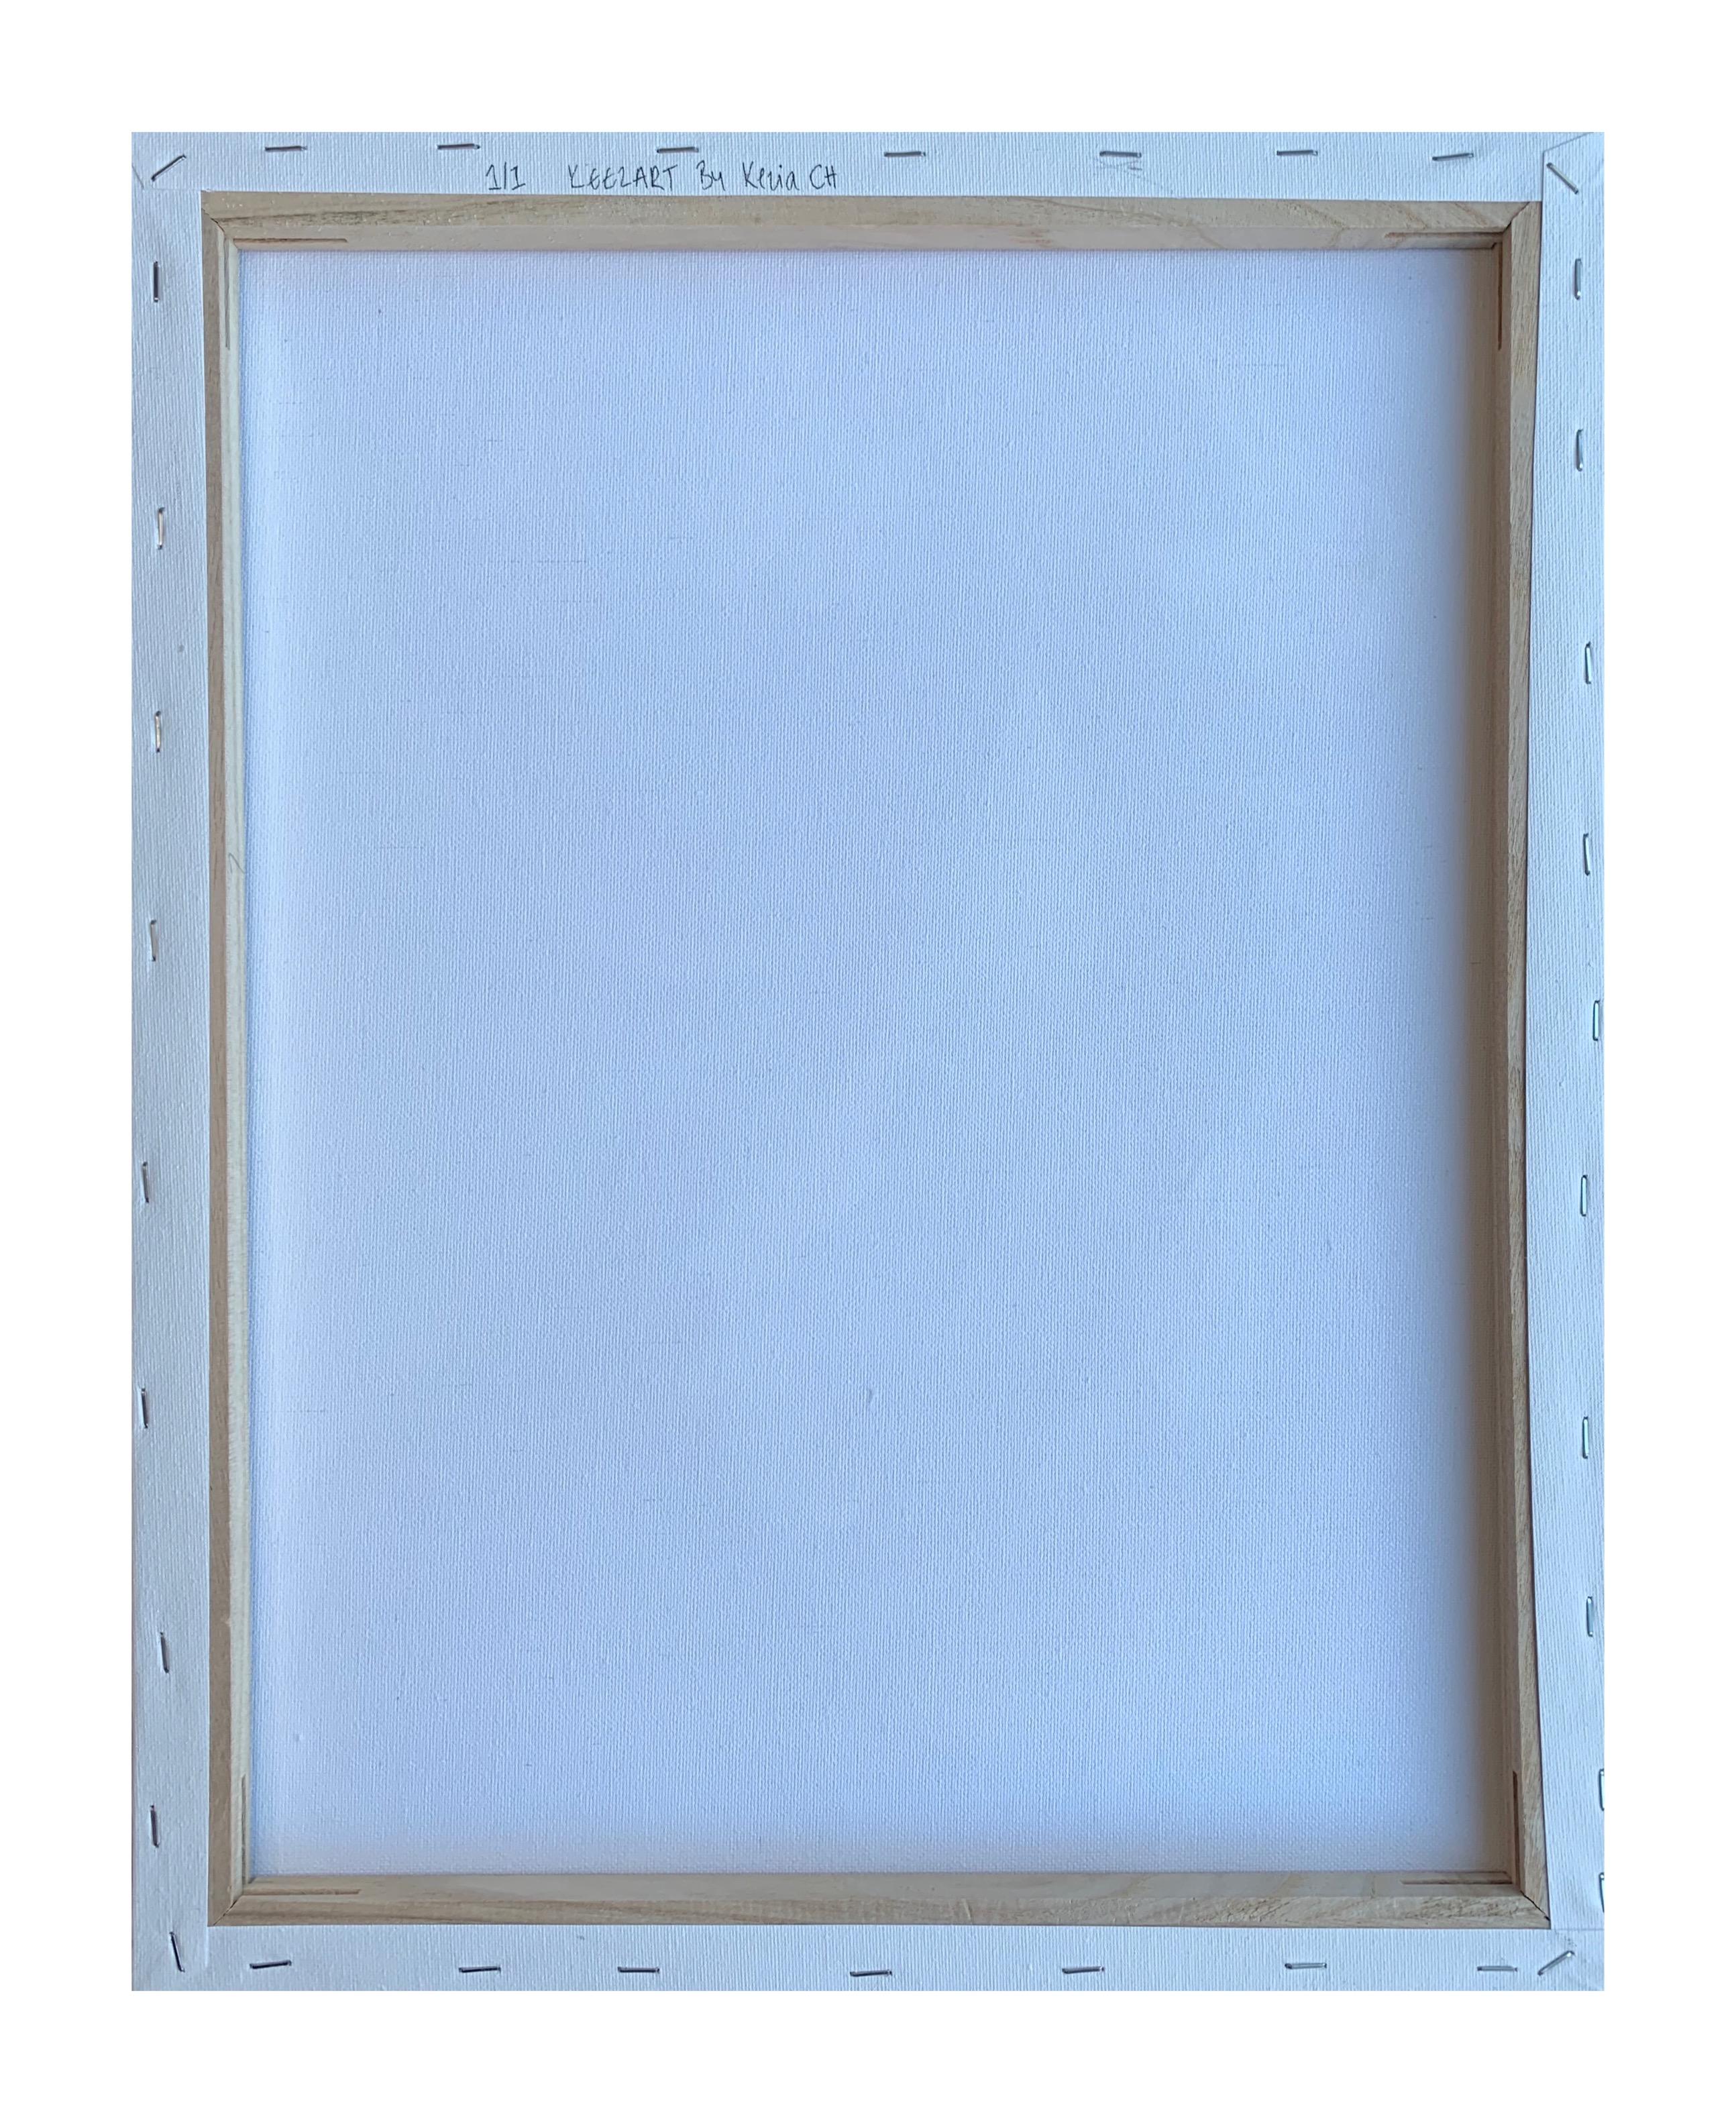 KEZIA HARRIS 'VIBRANT NUDE' - 2020 - Image 6 of 7